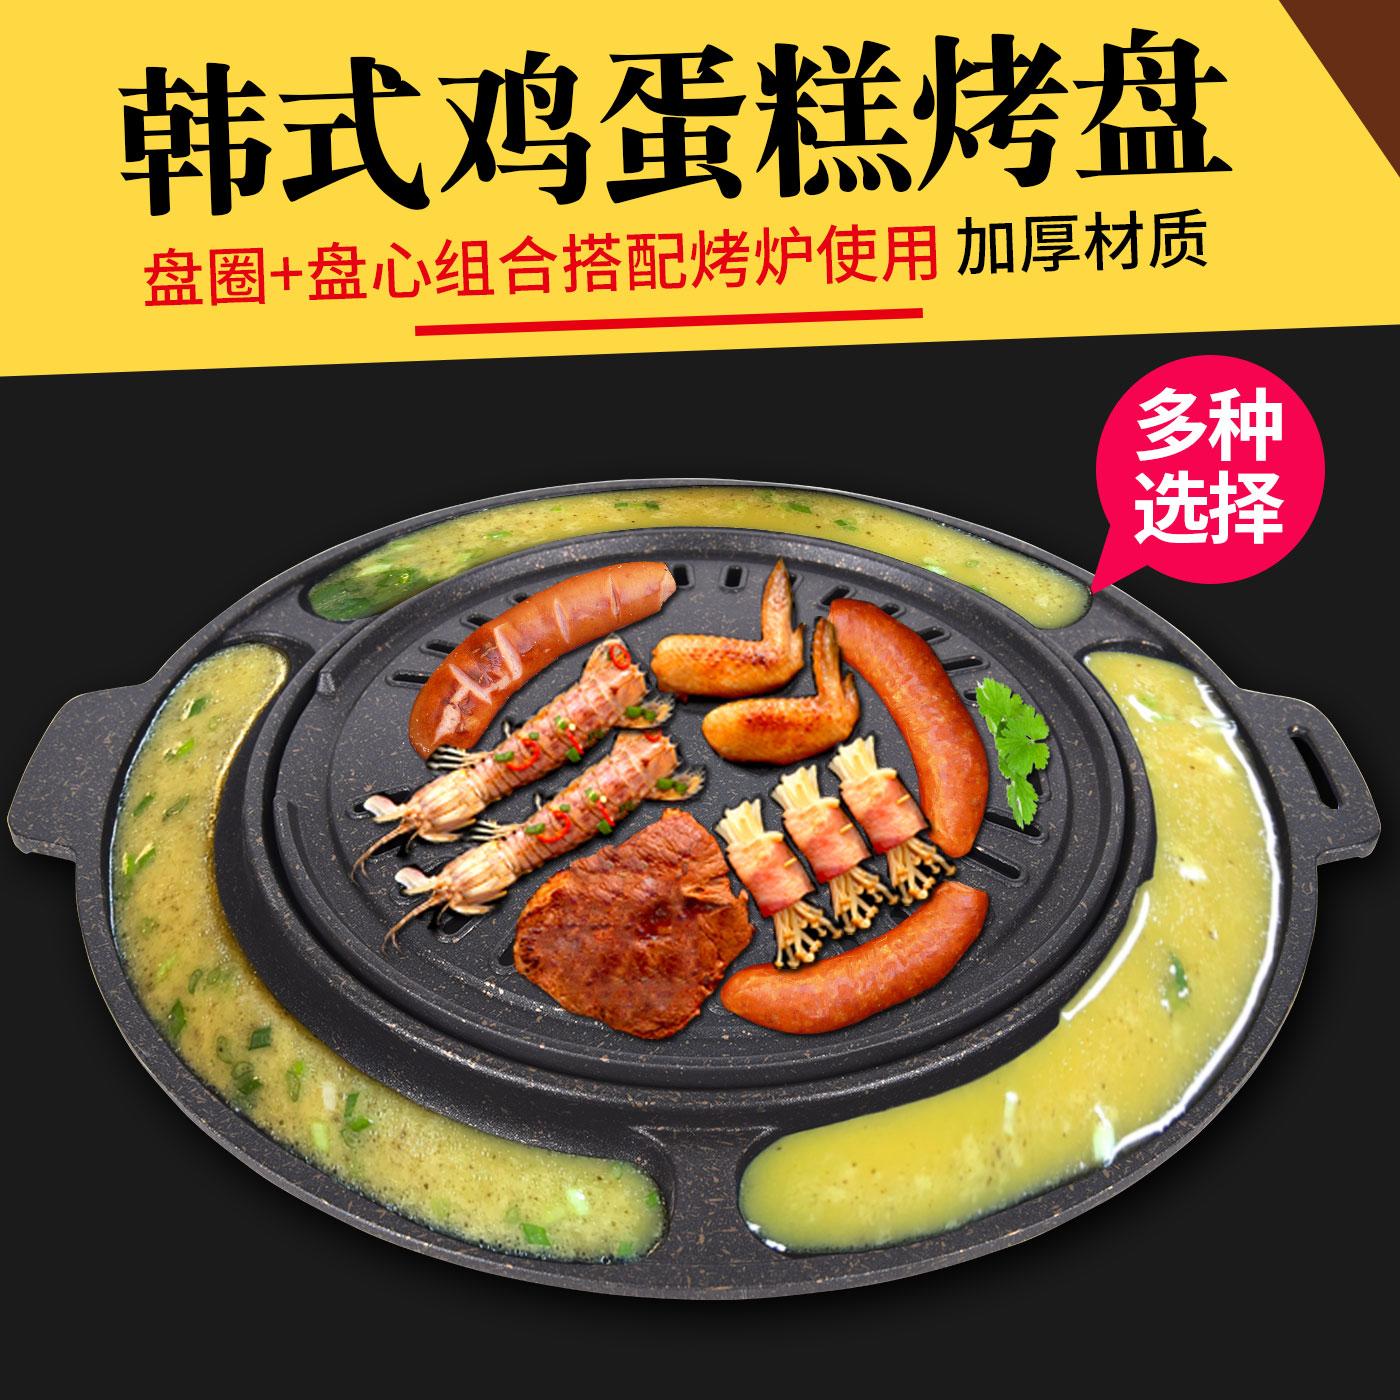 韩国烤肉锅烤盘 商用